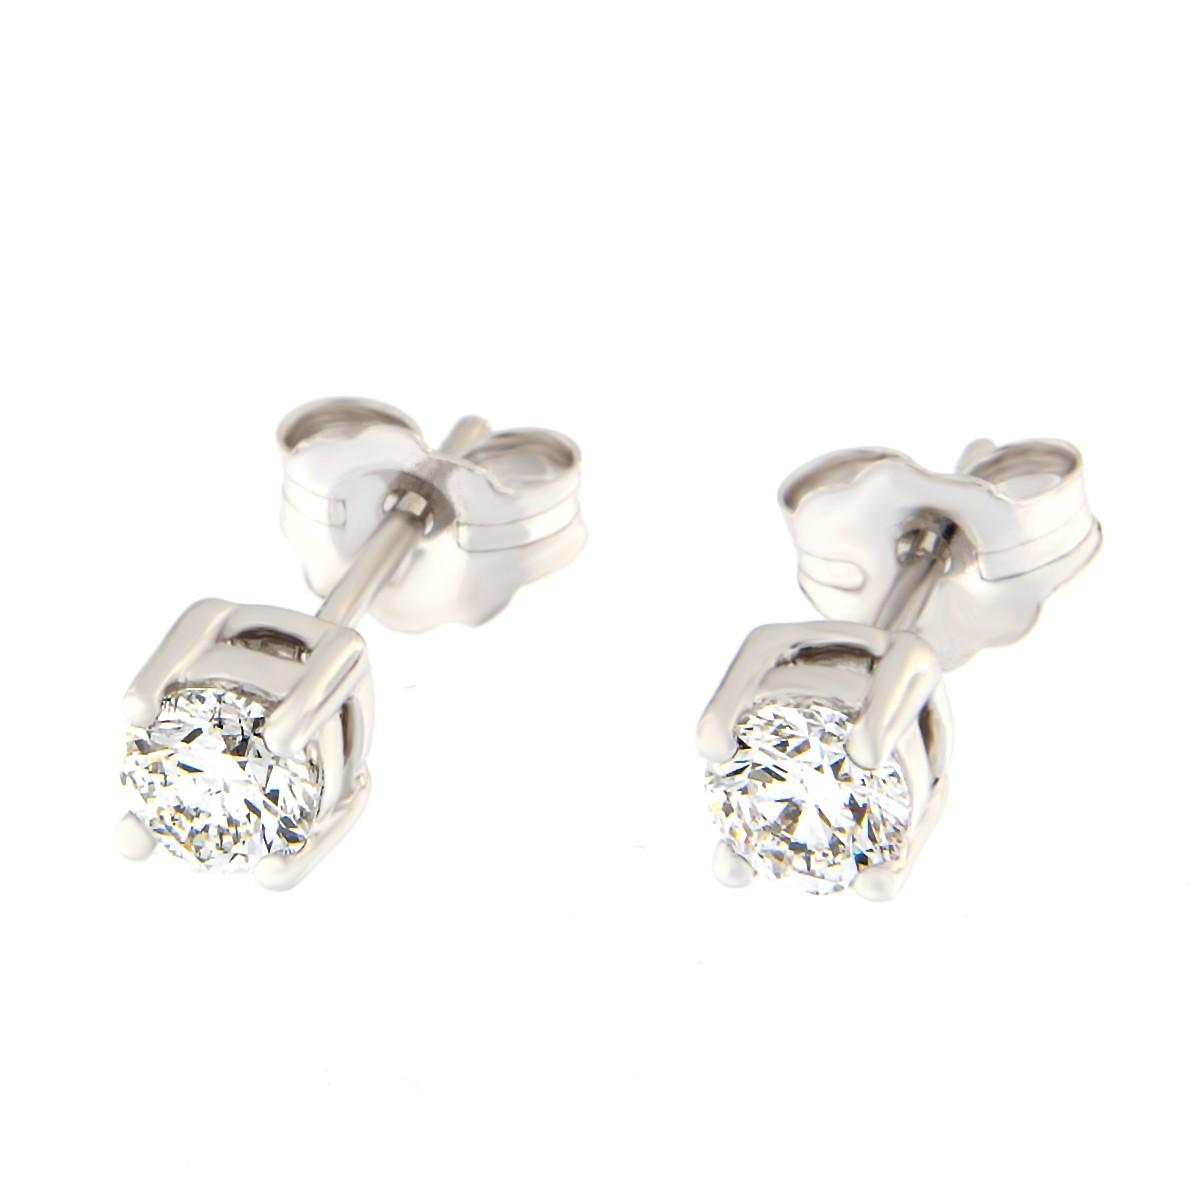 Kullast kõrvarõngad teemantiga 0,48 ct. Kood: 1at